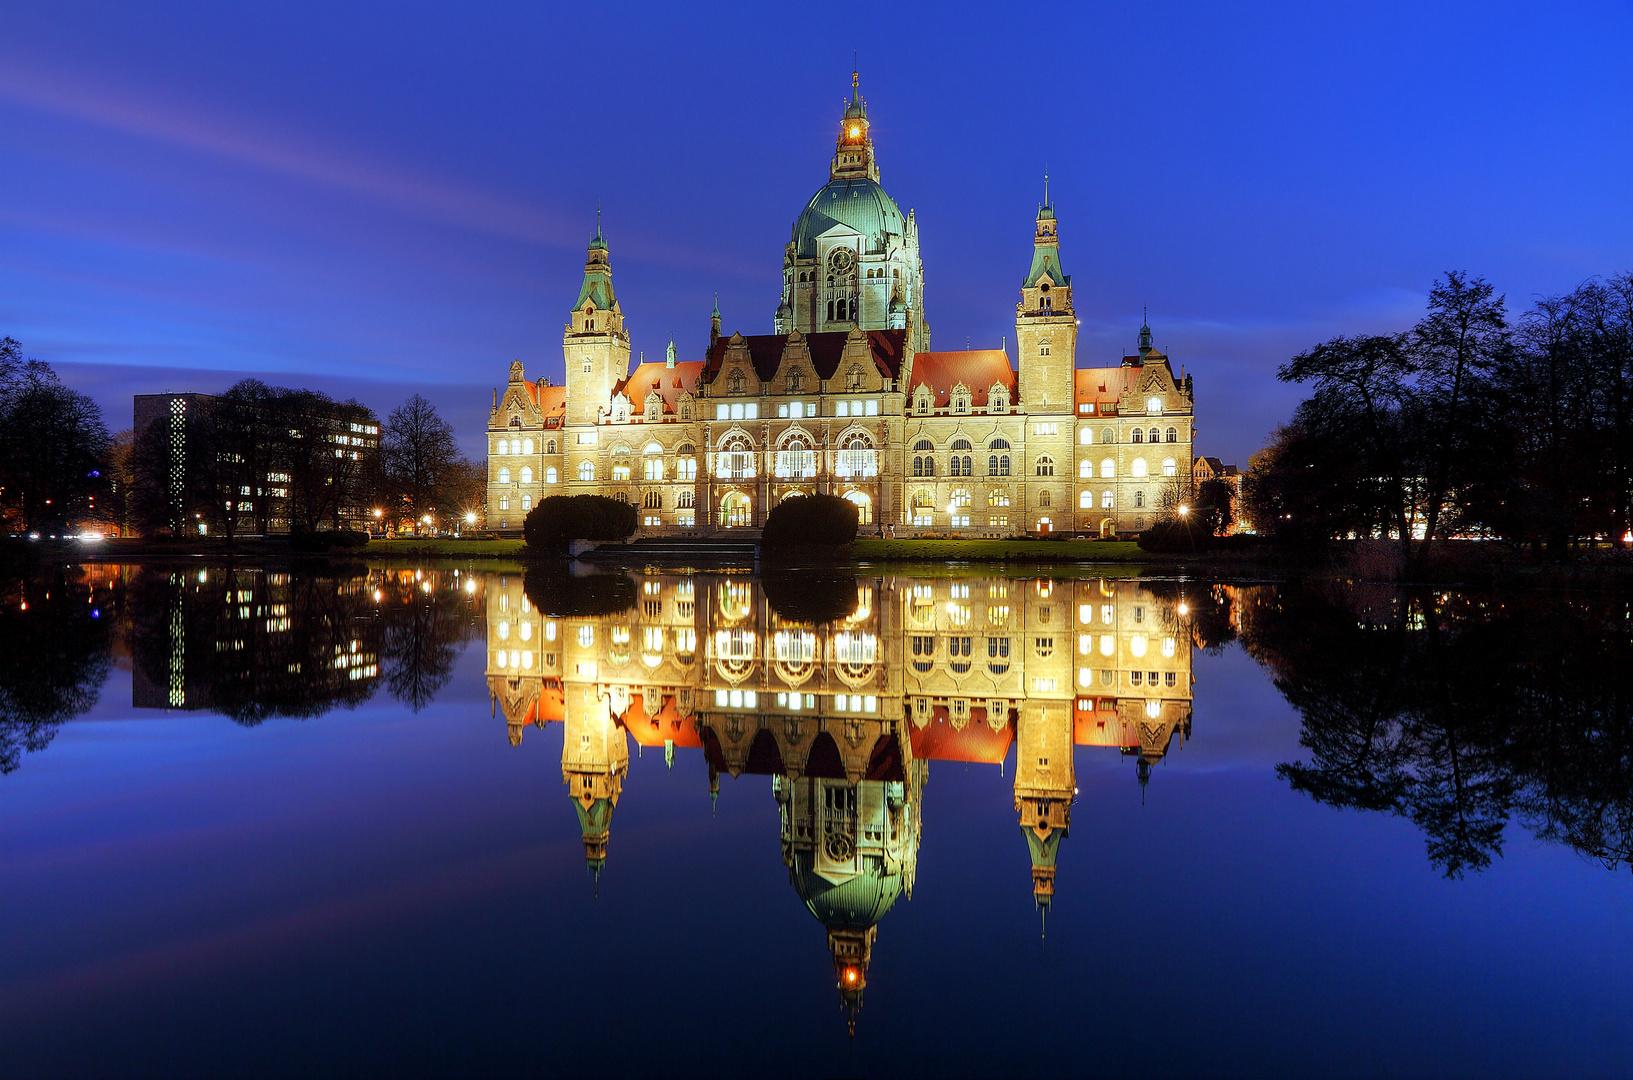 Moderne Architektur In Hannover Foto Bild: Neues Rathaus Hannover Foto & Bild